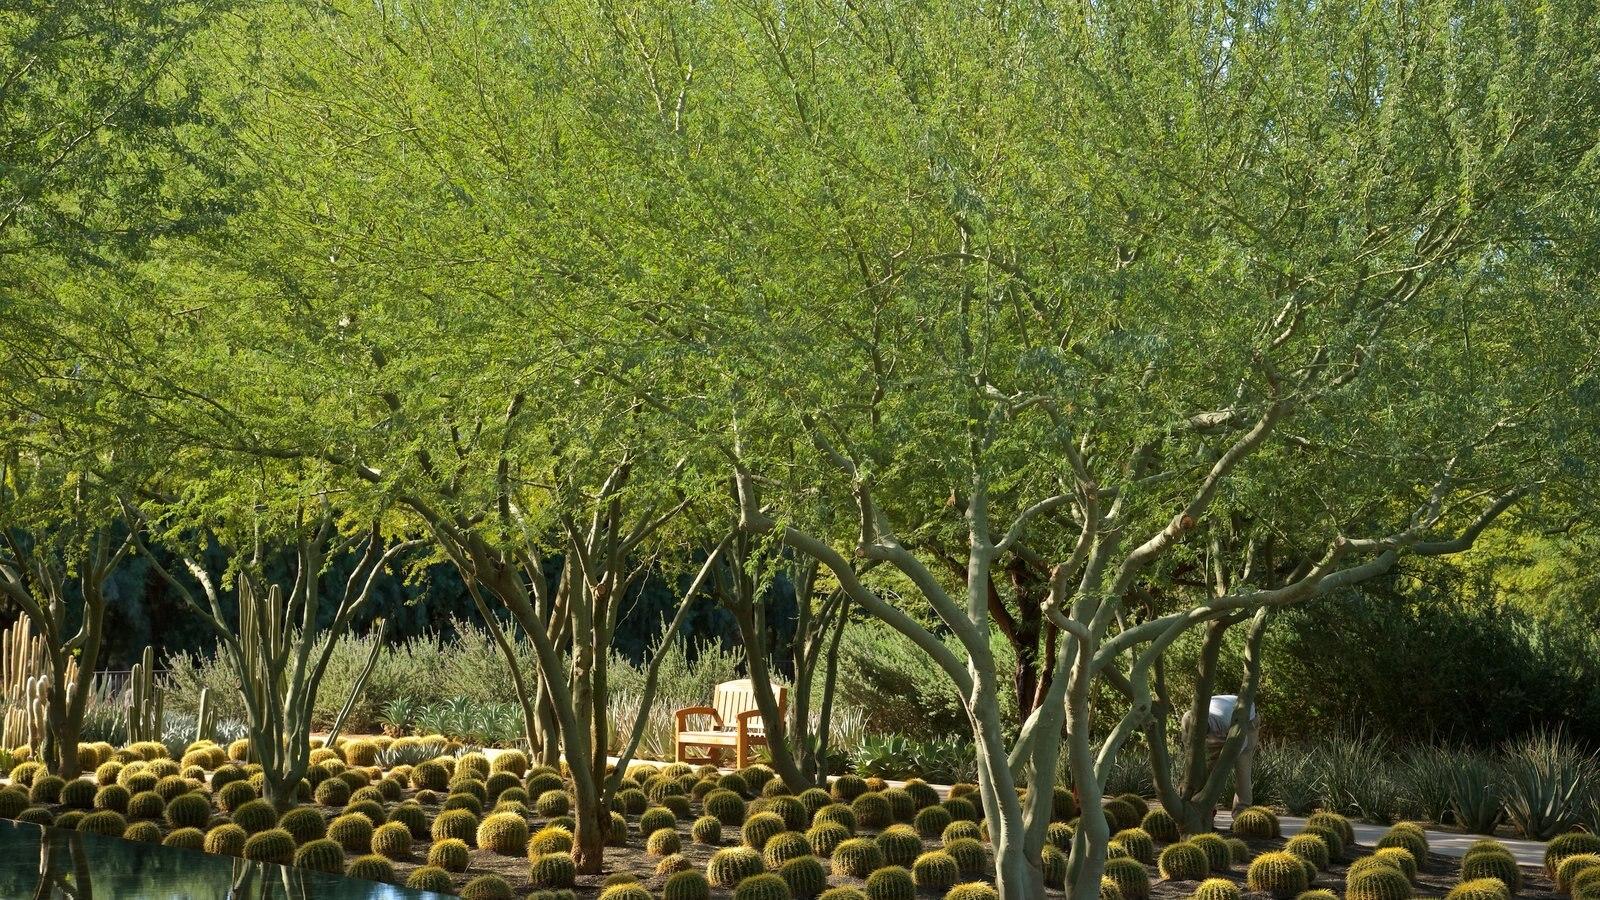 Centro Sunnylands y jardines mostrando un jardín